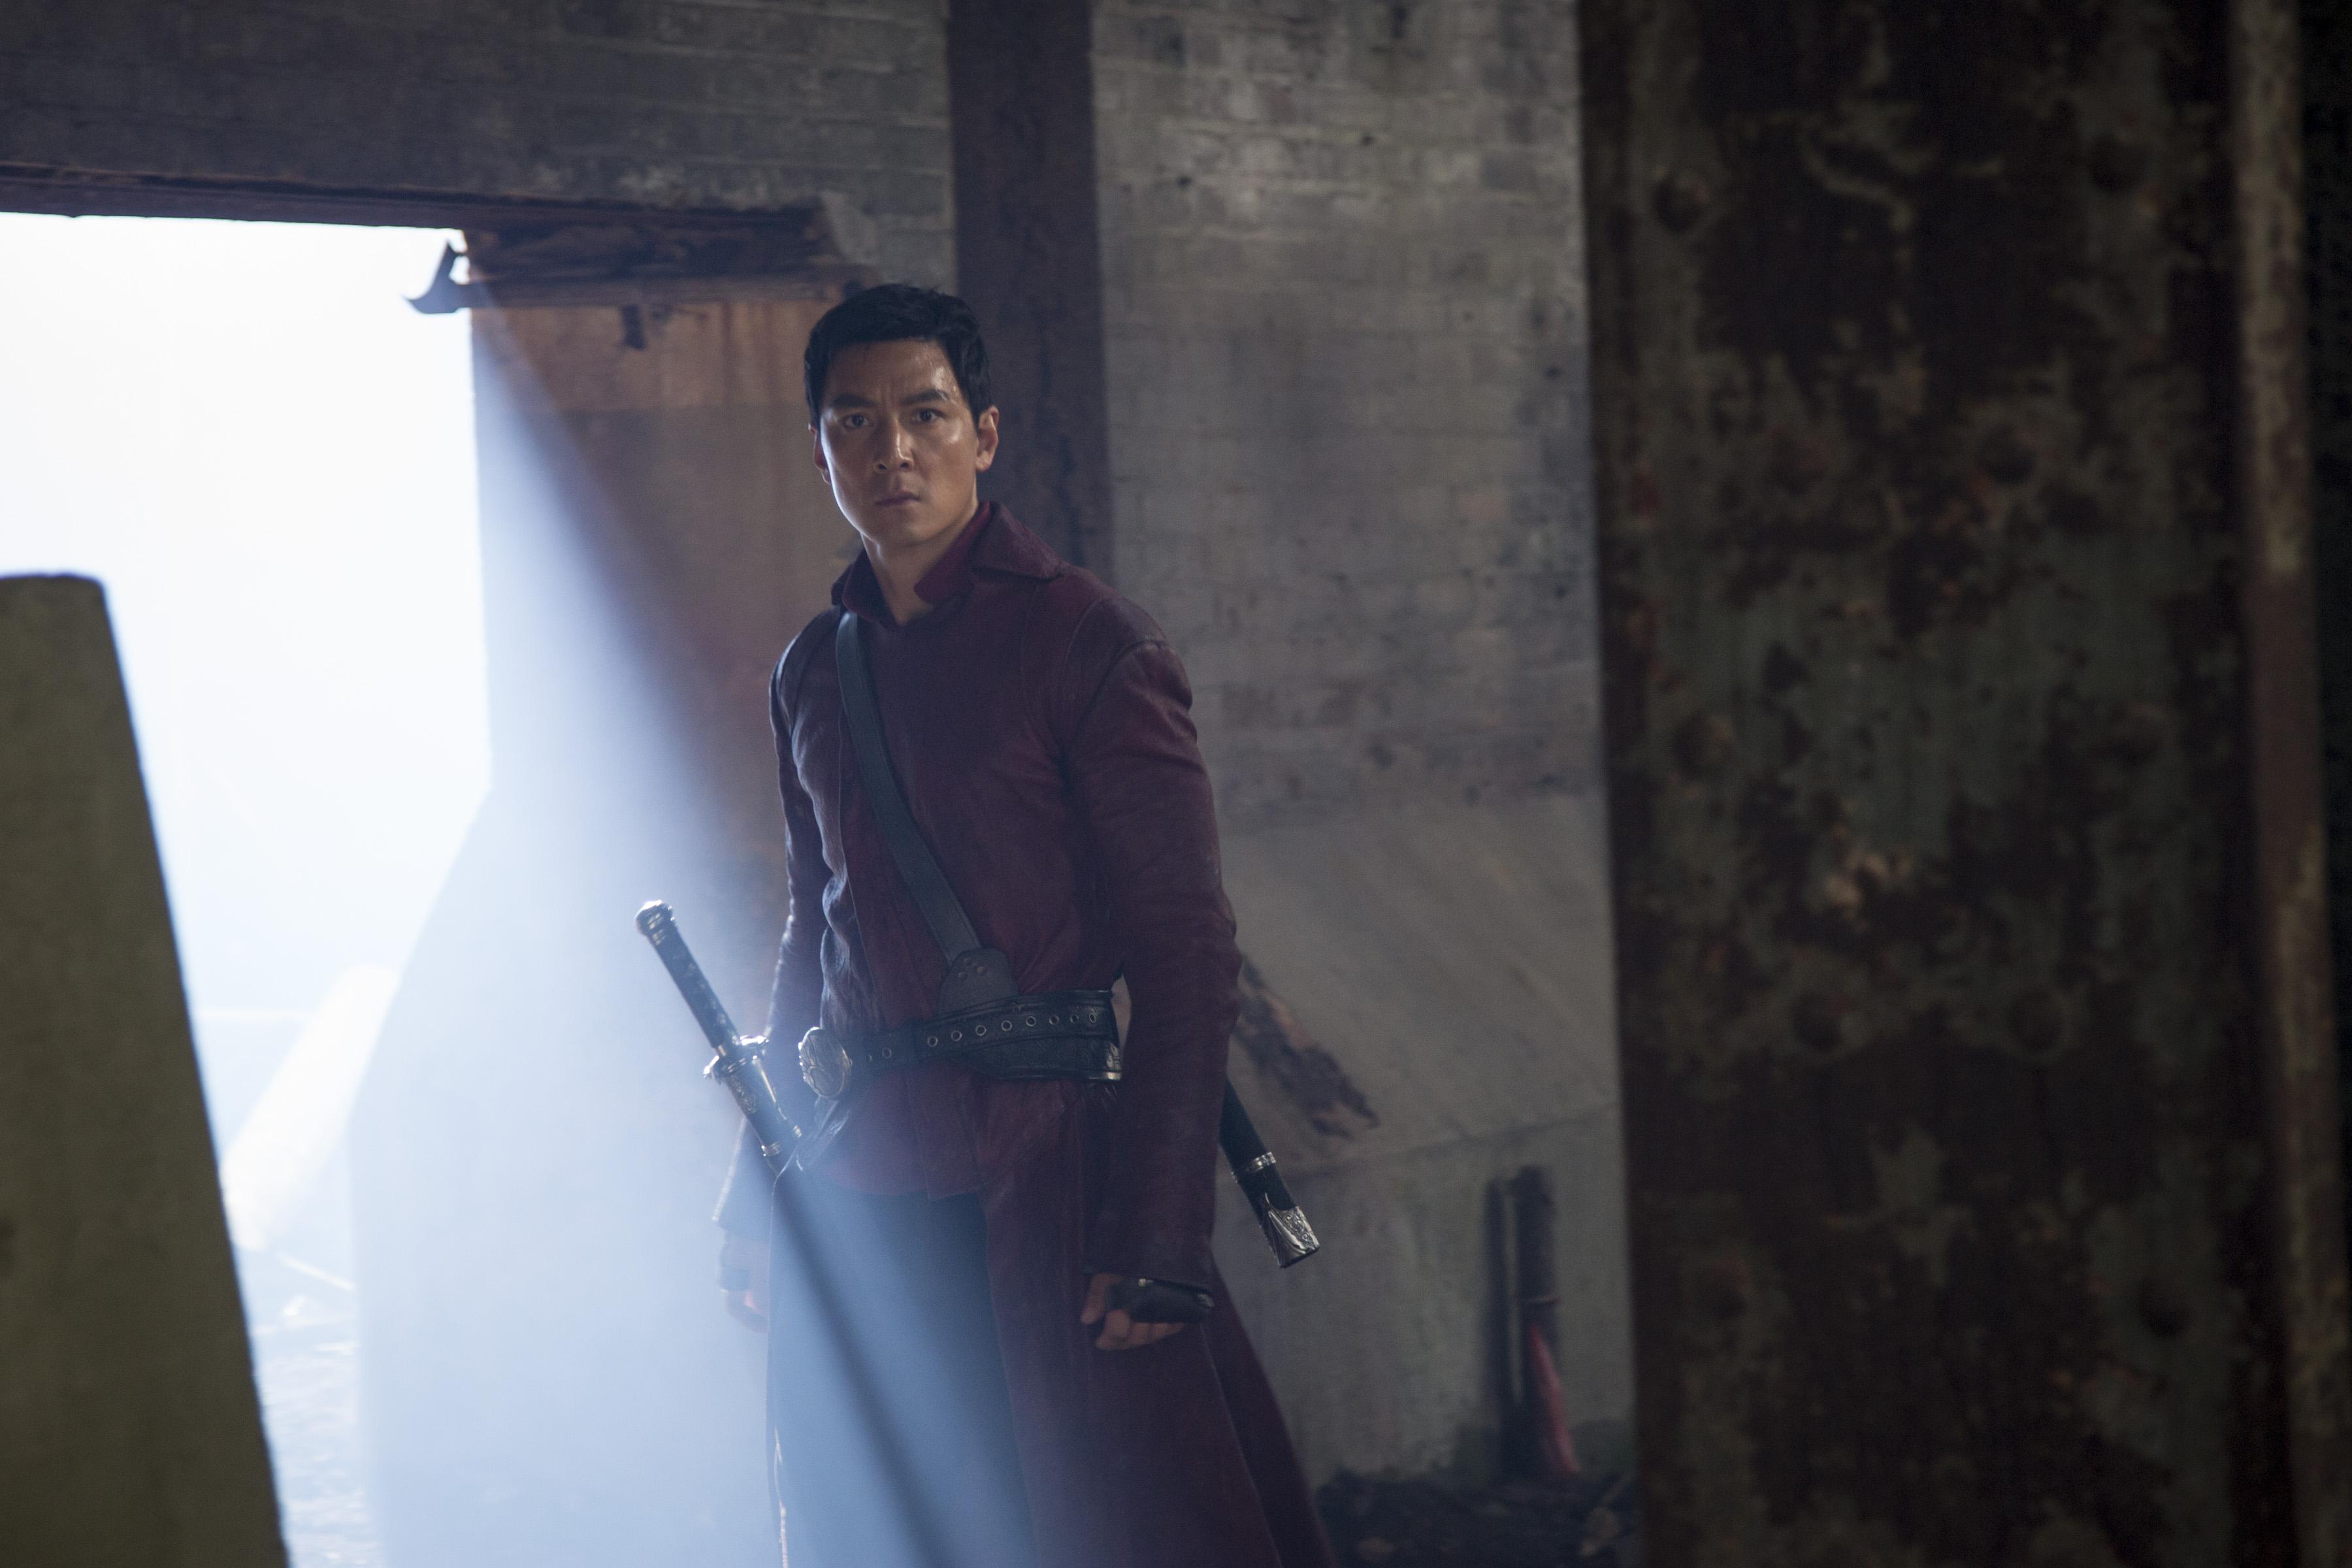 Daniel Wu / Sunny - Into the Badlands Saison 1 Épisode 2 - Crédit Photo : Patti Perret/AMC